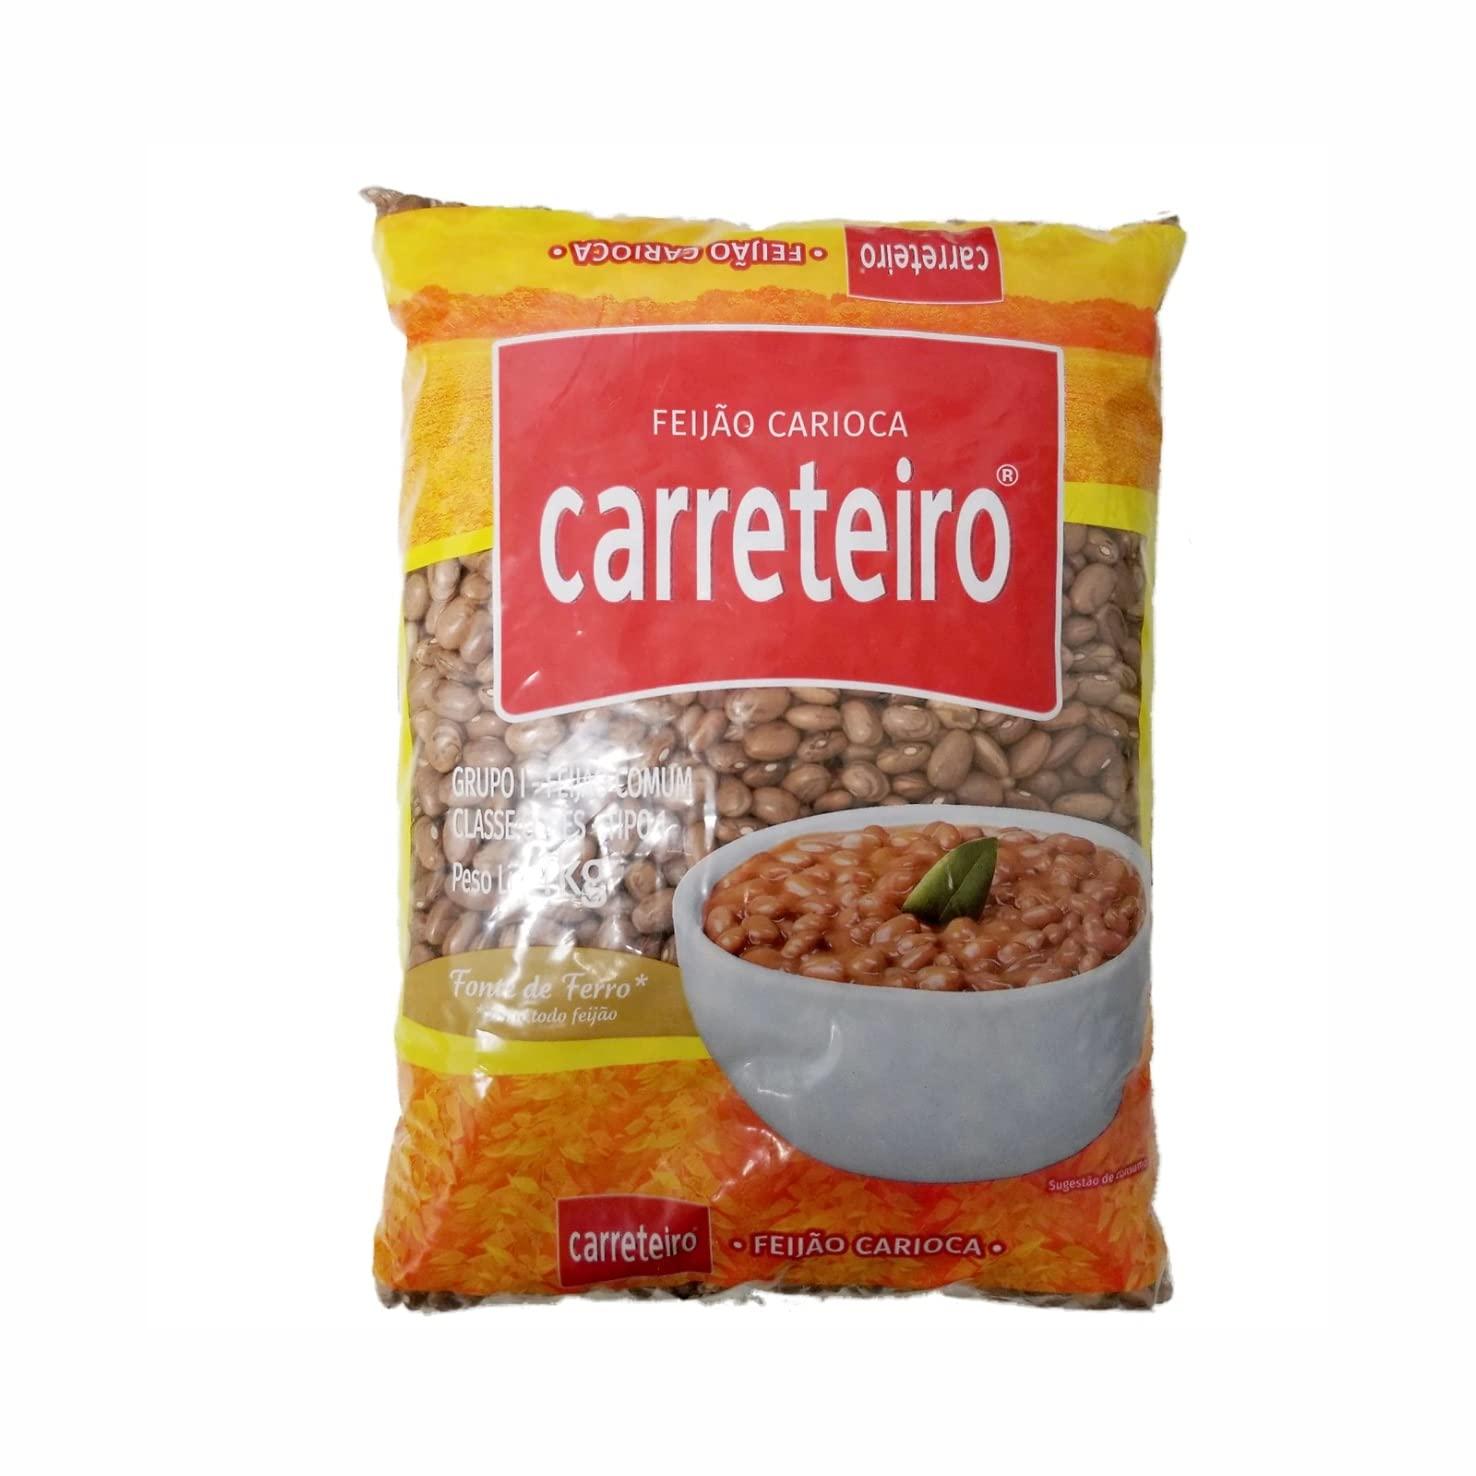 Carreteiro - Carioca Bean 35.2 1 Feijão Topics All stores are sold on TV 1Kg p oz